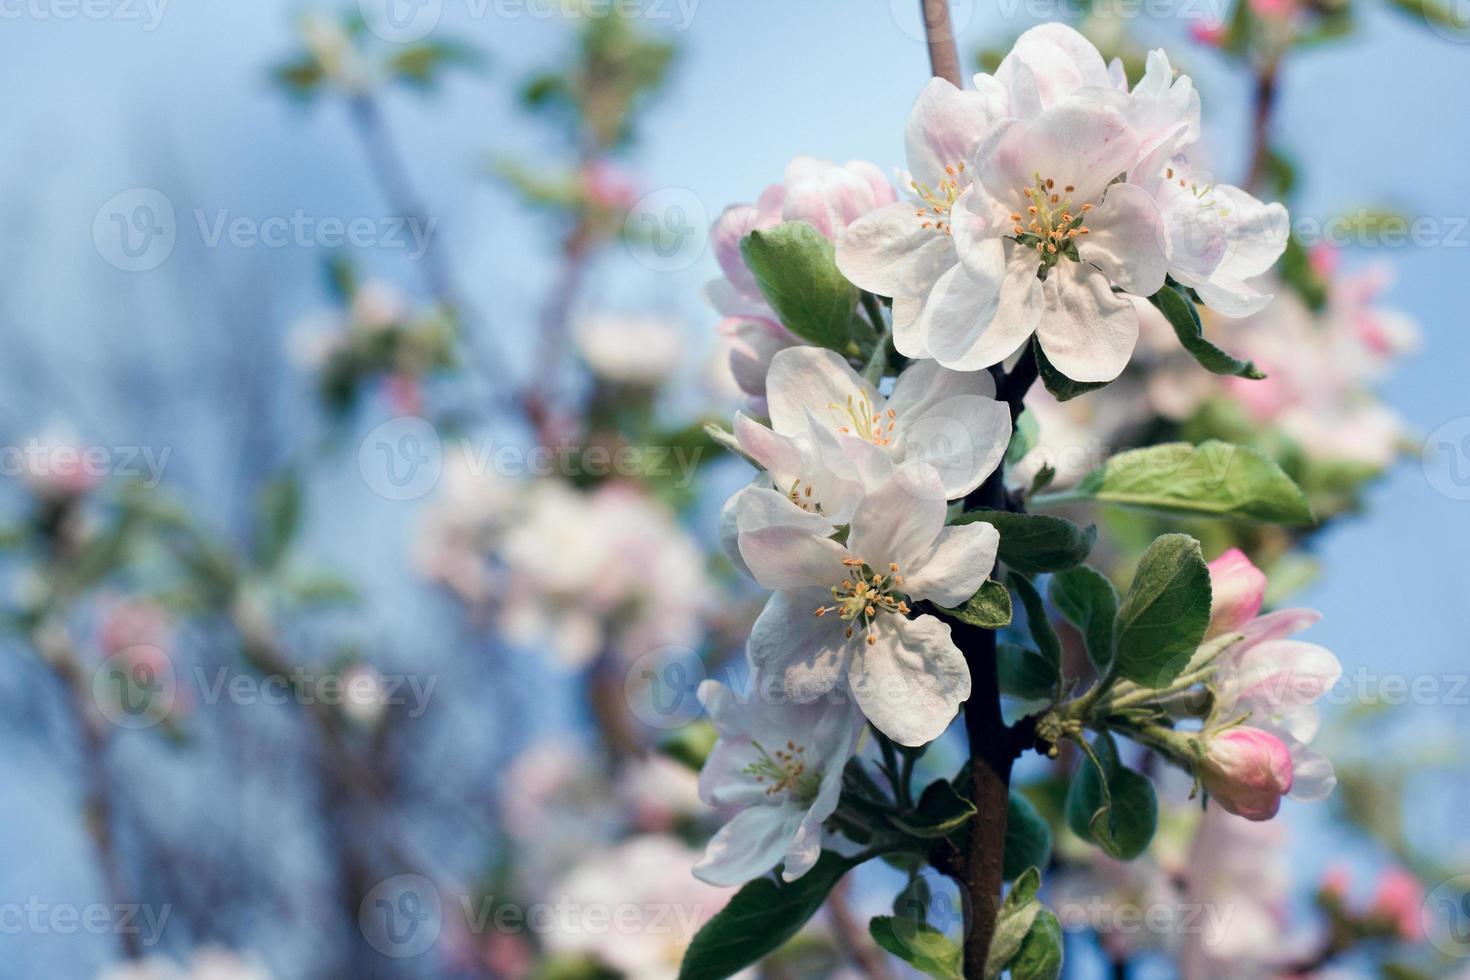 blühender Apfelbaum. warmes farbiges Bild foto